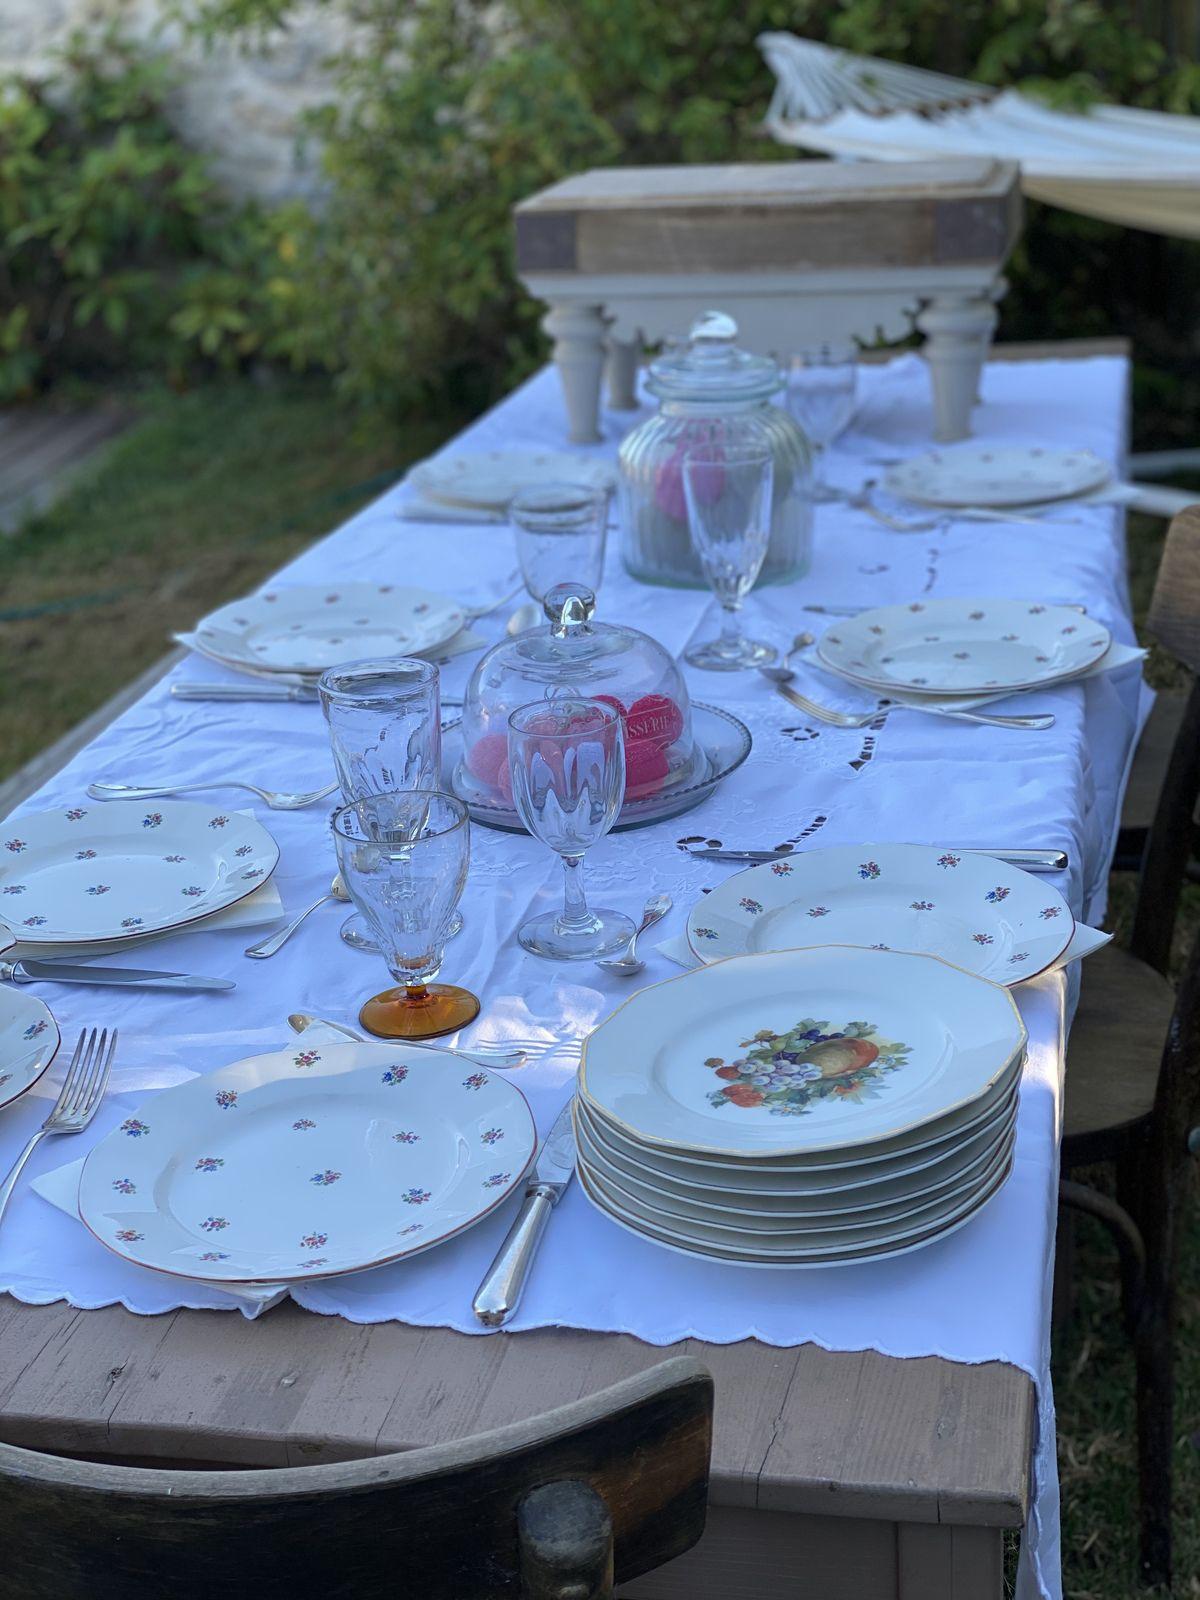 Sabine Bolzan, Les Ateliers de Sam, courgettes jaunes, tarte aux courgettes, tagliatelles de courgettes, fromage de chèvre, entrée, plat, tarte